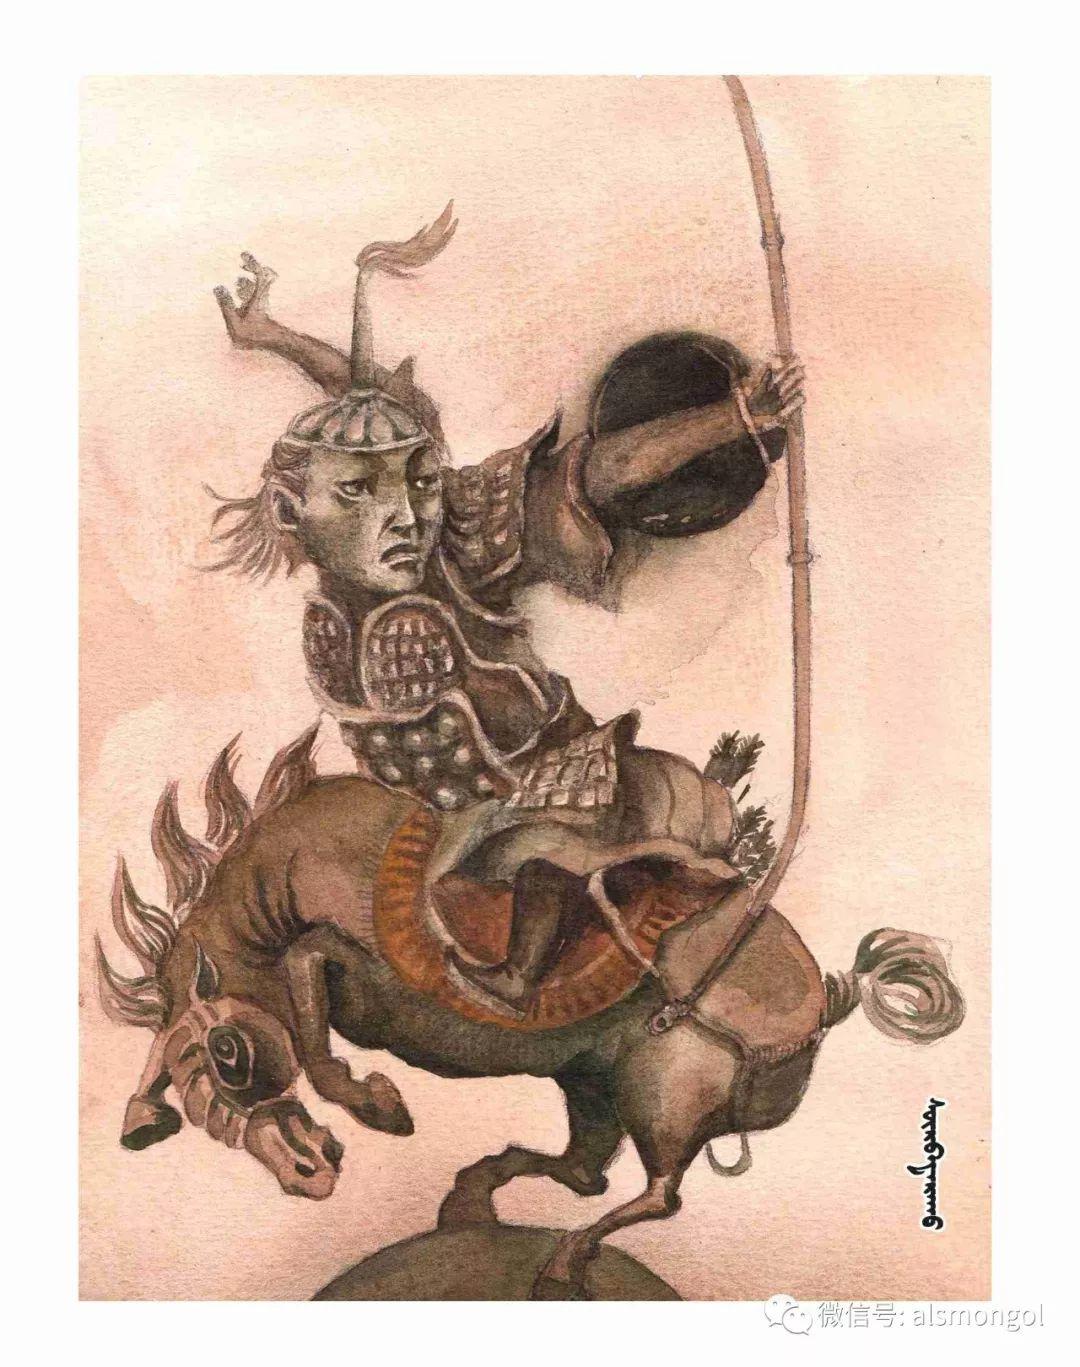 【智慧蒙古】人美画更美,年轻画家海乐和她的绘画作品! 第45张 【智慧蒙古】人美画更美,年轻画家海乐和她的绘画作品! 蒙古画廊